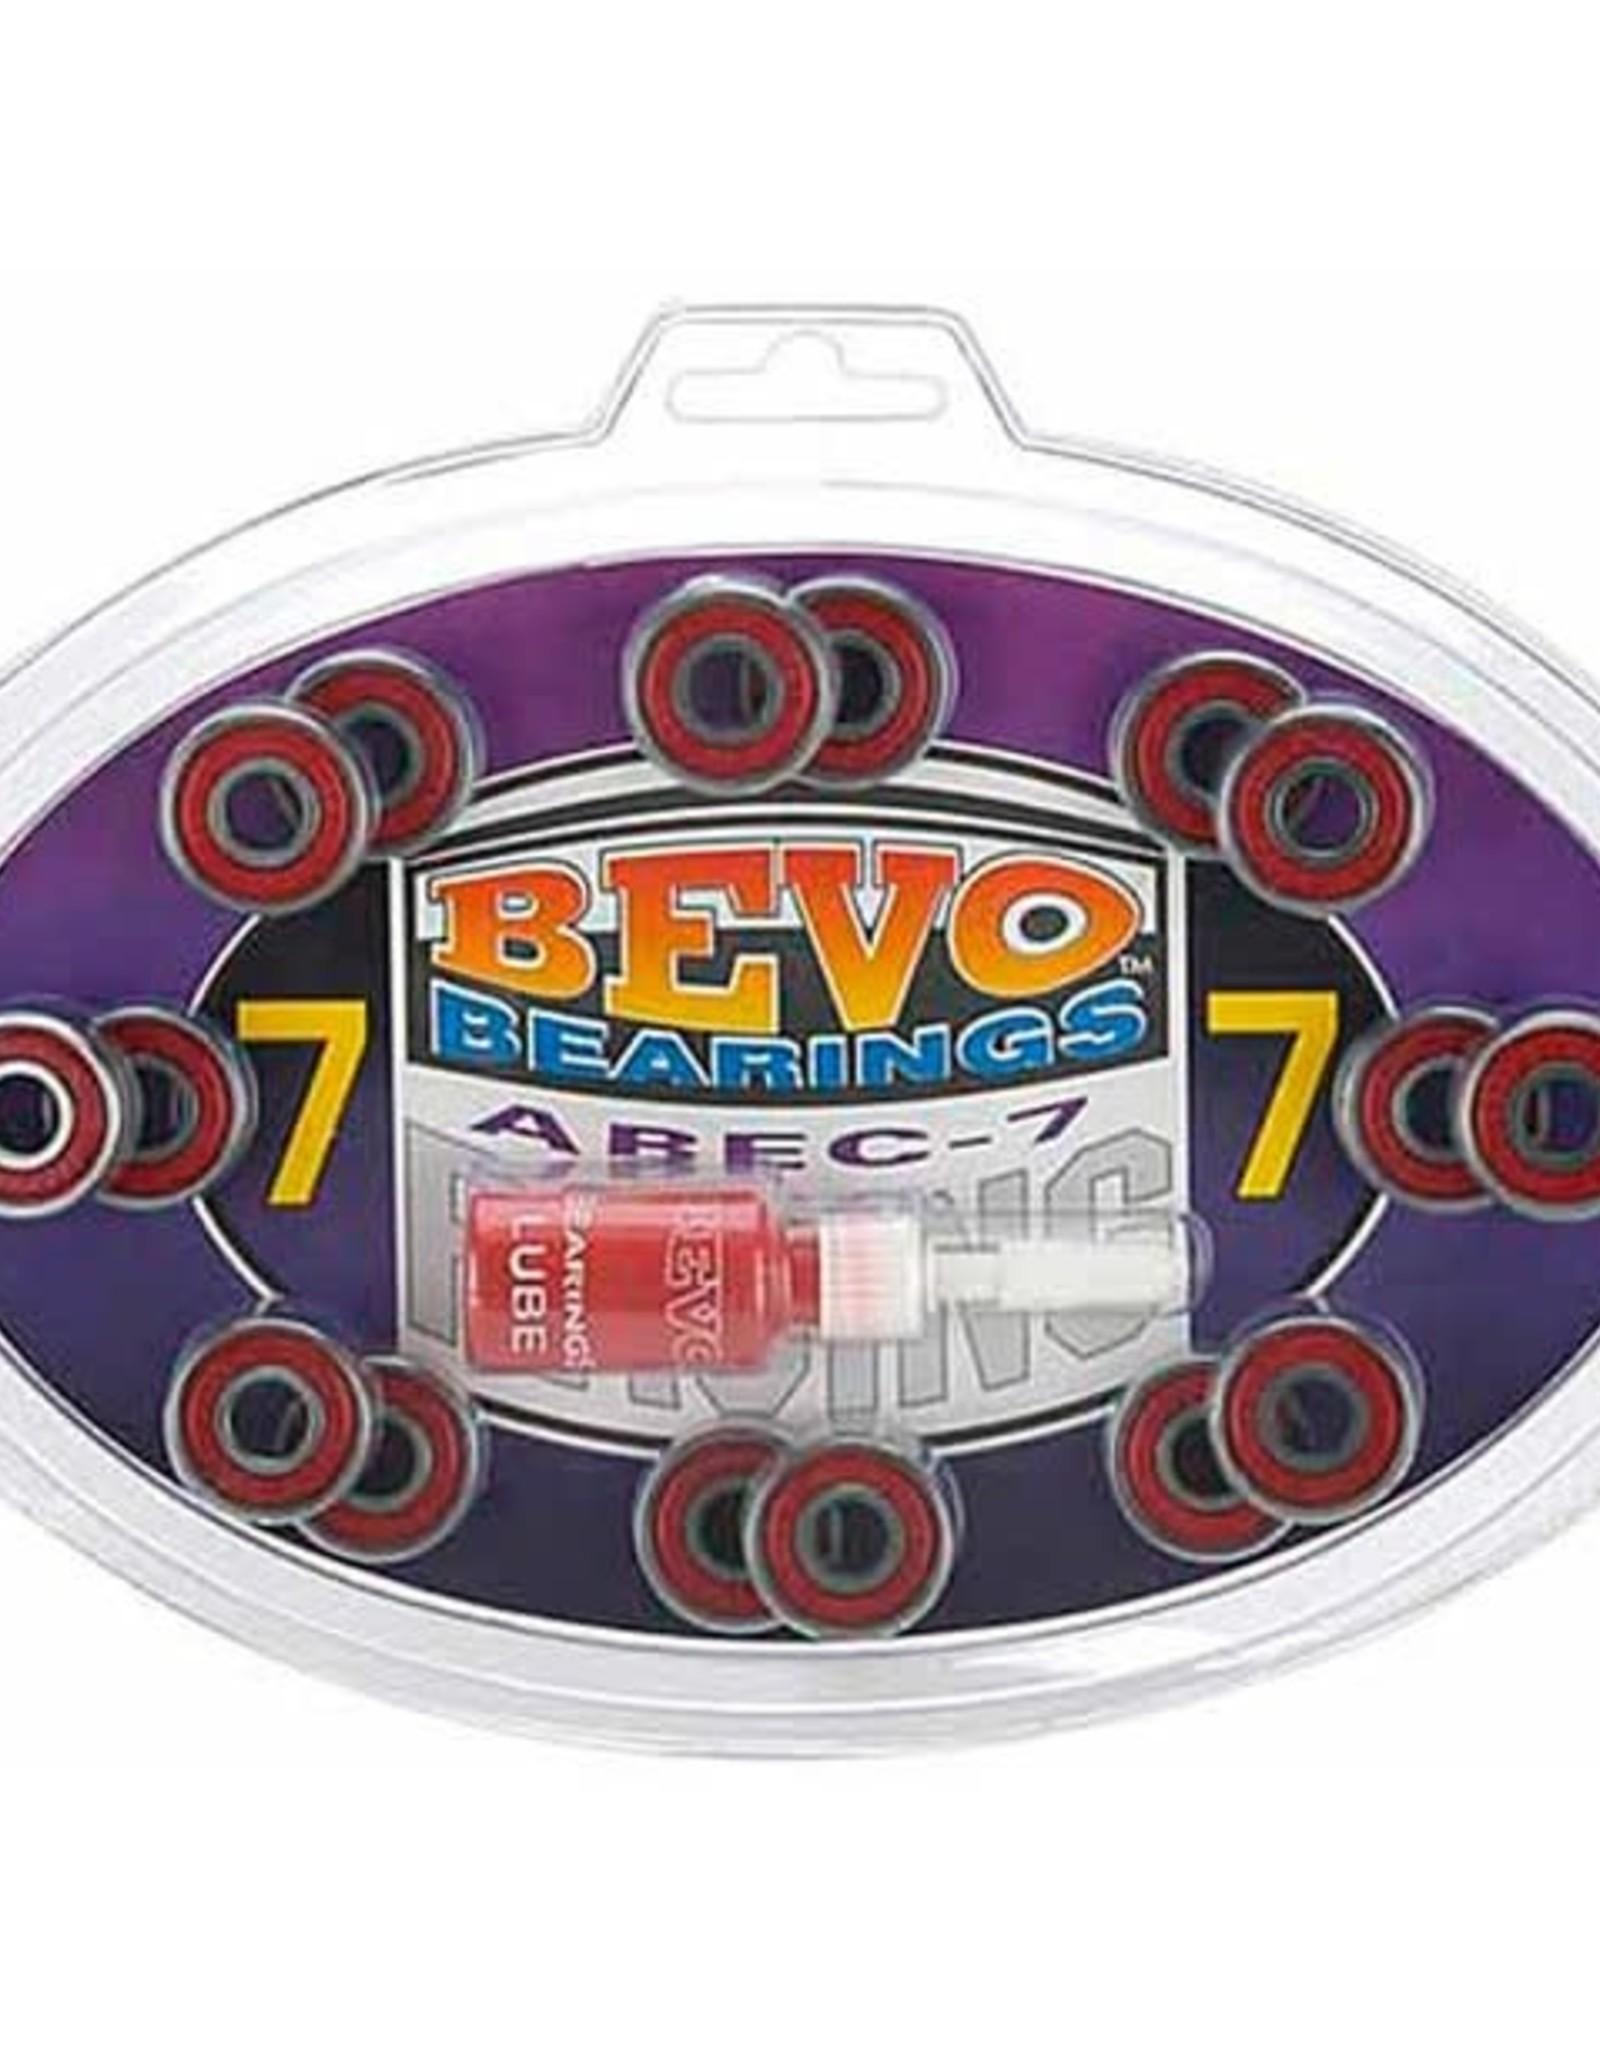 Tour BEVO Abec 7 Bearings